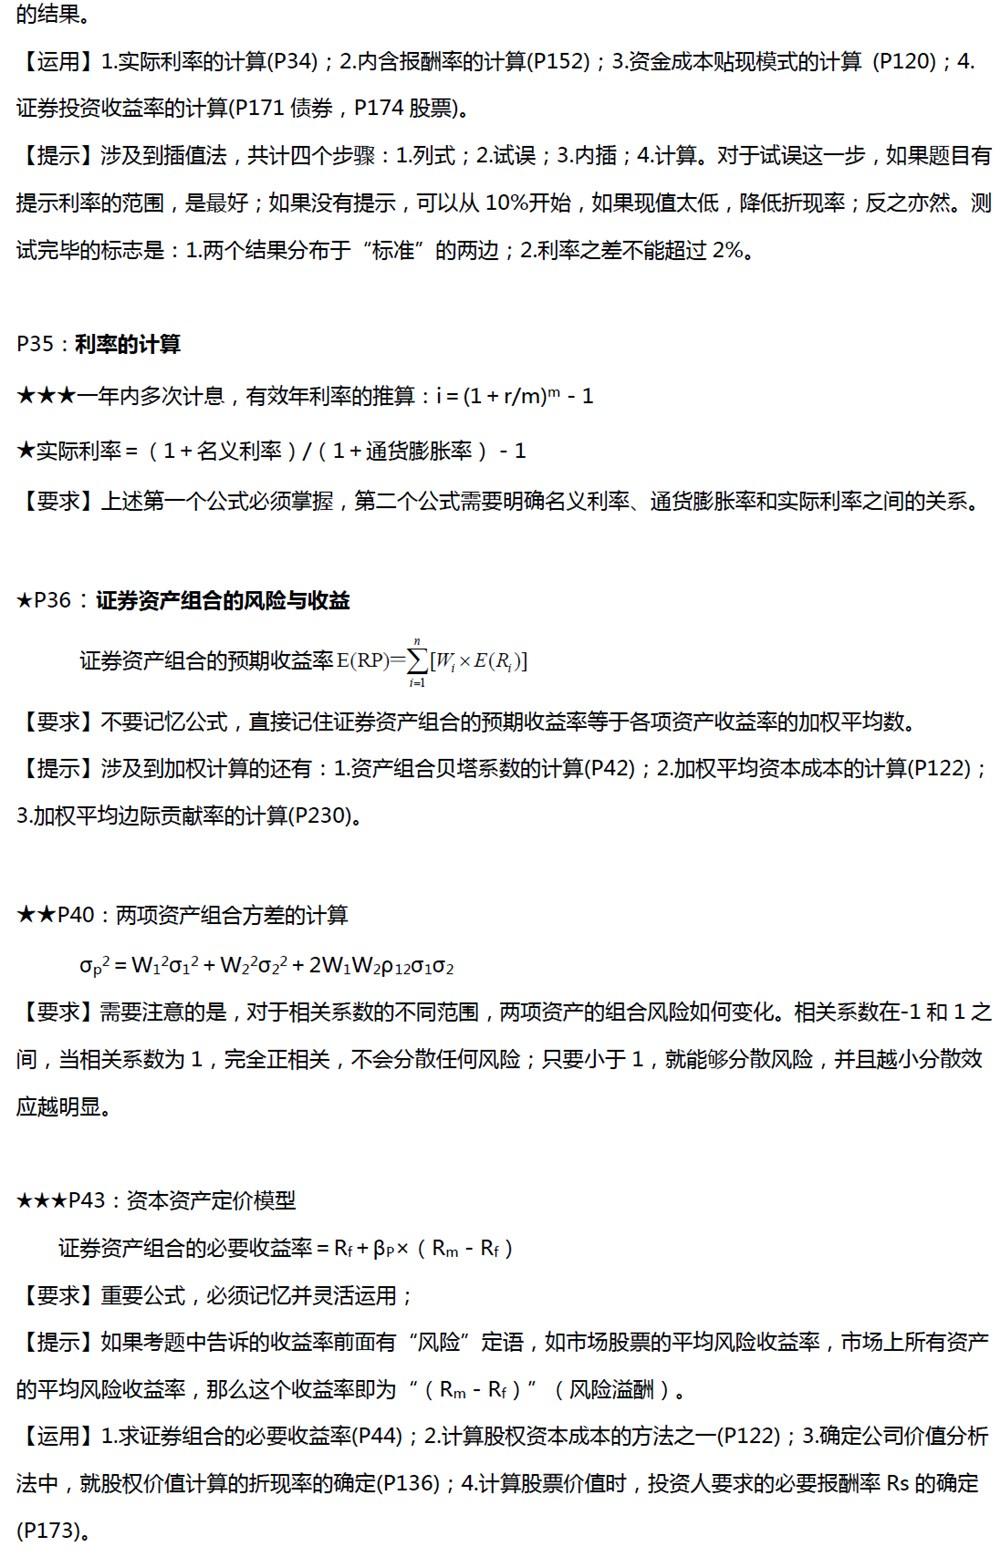 2013新会计准则_最新带公式新准则通用会计报表(会计科目表、资产负债表 ...